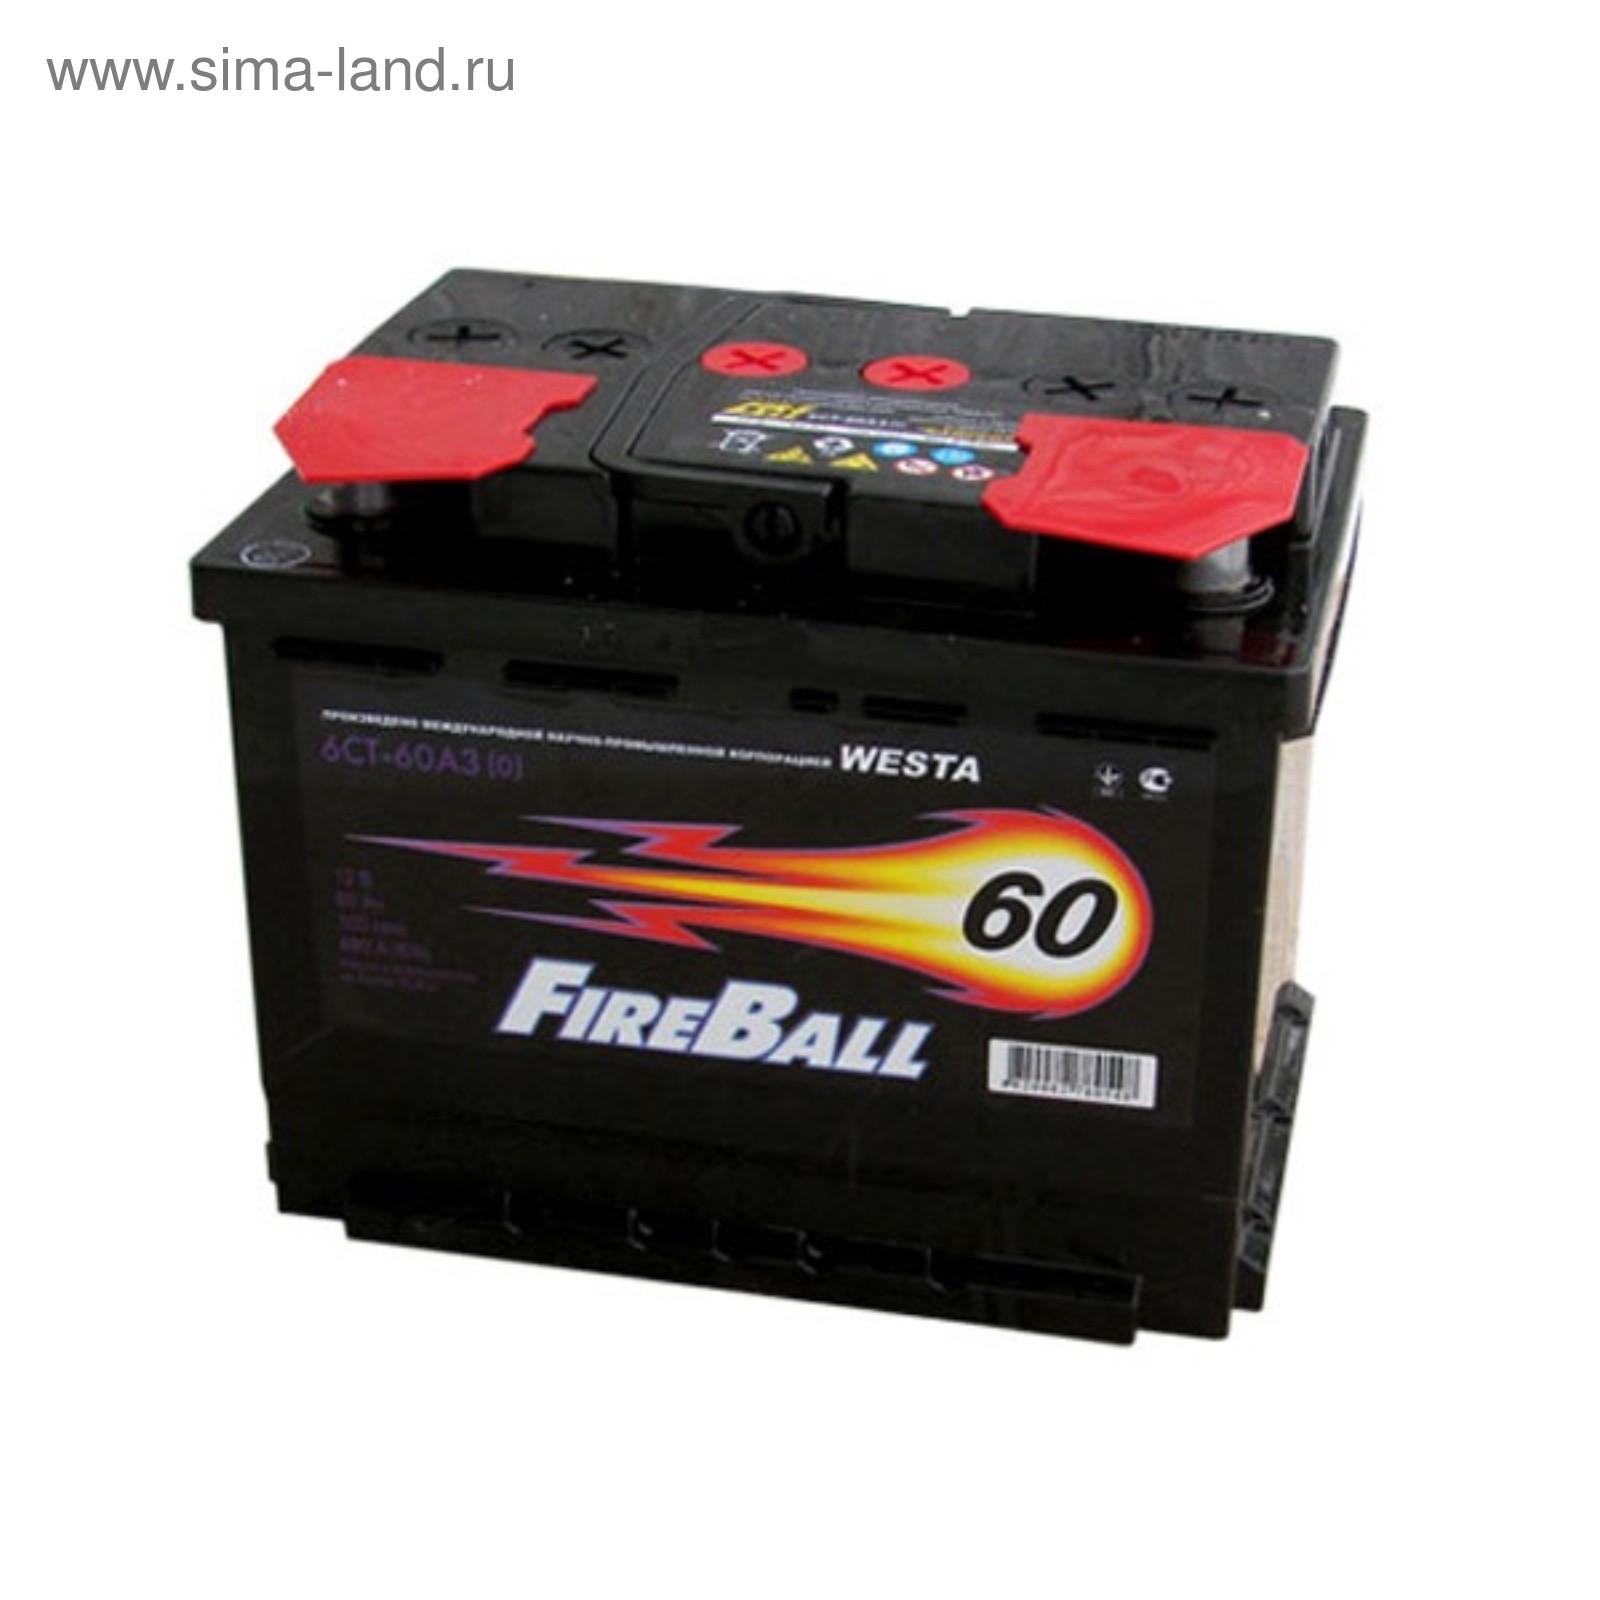 акумулятор фаер бол красний украина африканская малышка